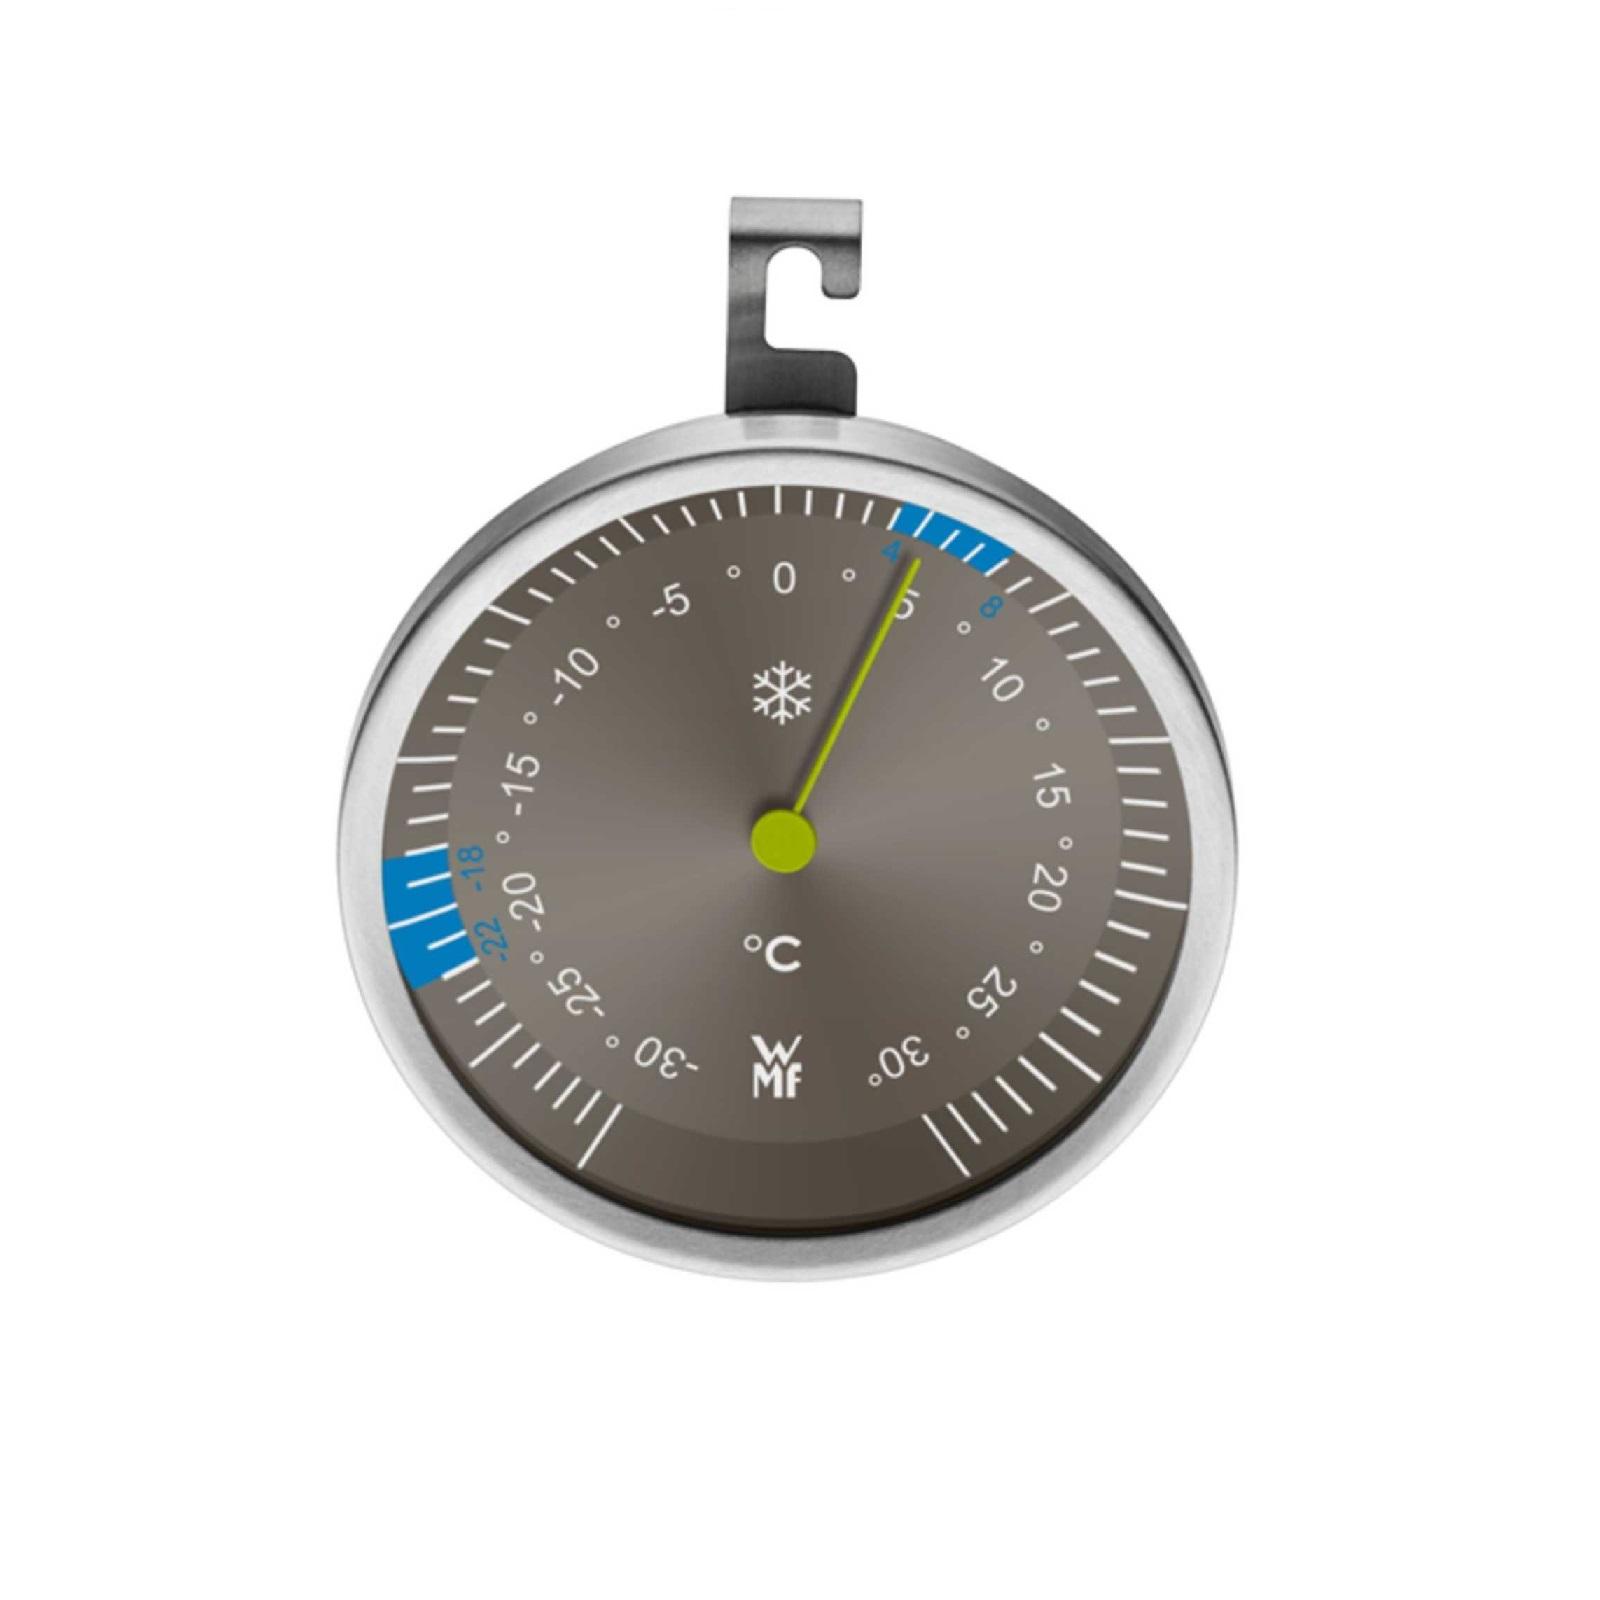 Термометр для холодильника WMF SCALA, серебристый WMF 06 0865 6030 фото 1